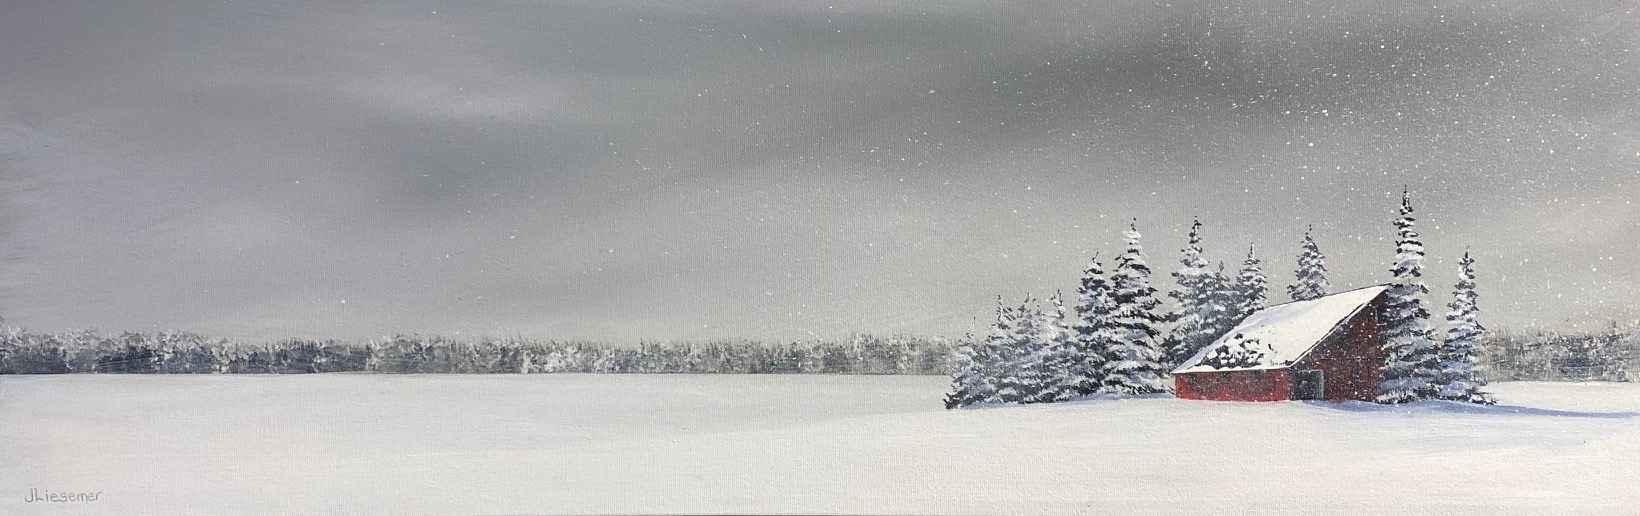 Flurries by  Janet Liesemer - Masterpiece Online